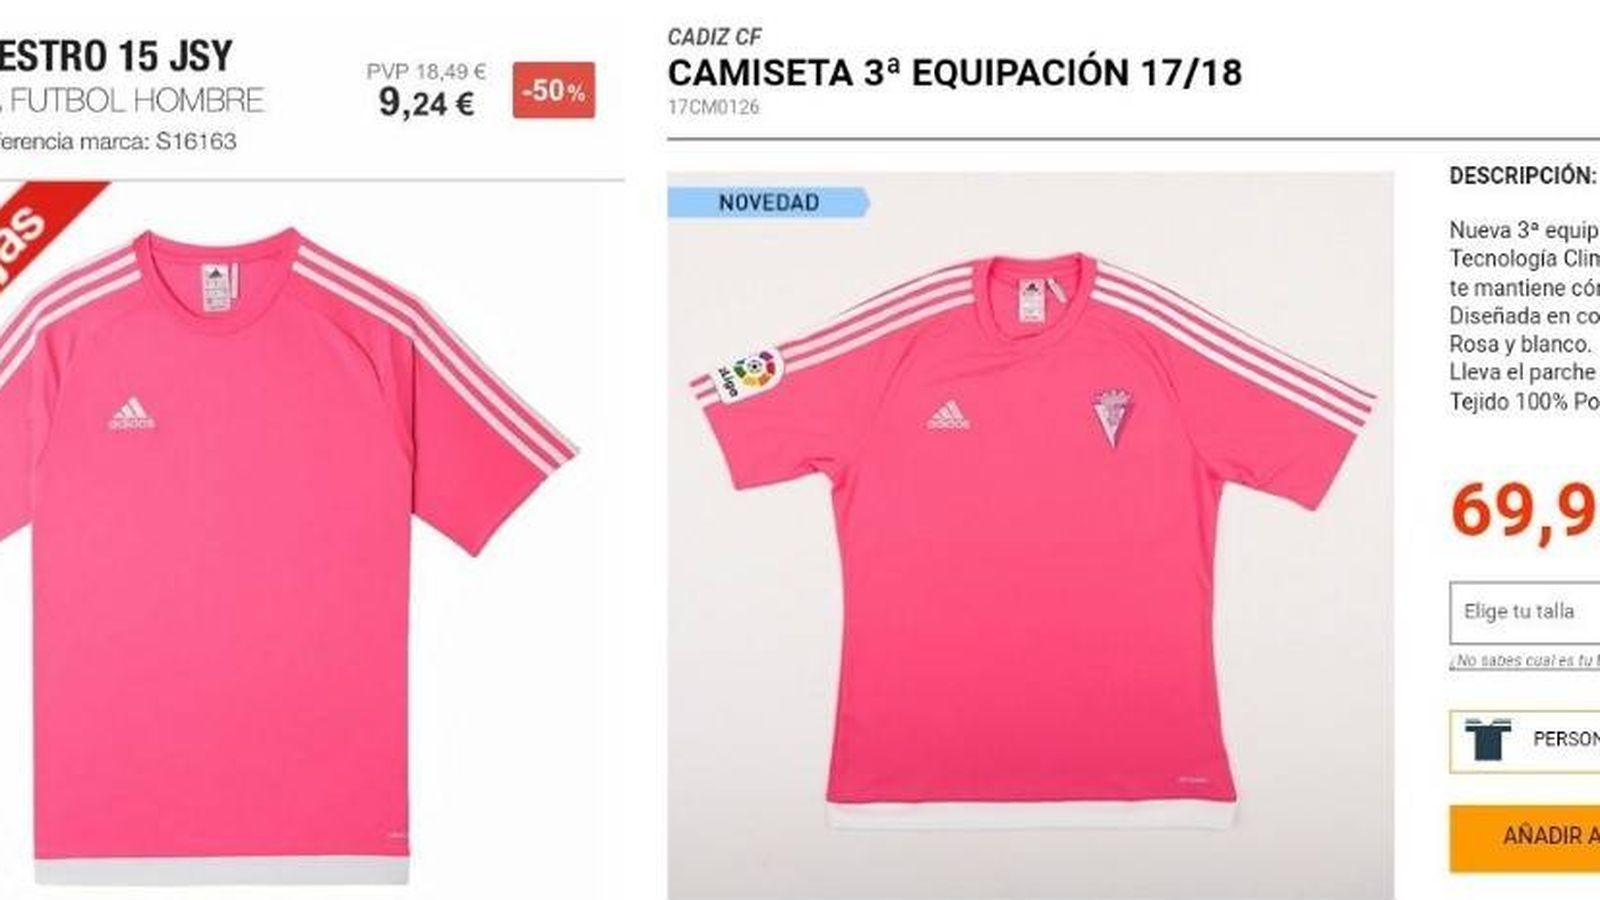 Fútbol  70 euros por una camiseta que cuesta 10  así es el negocio del  merchandising del fútbol 0865a8afff60e